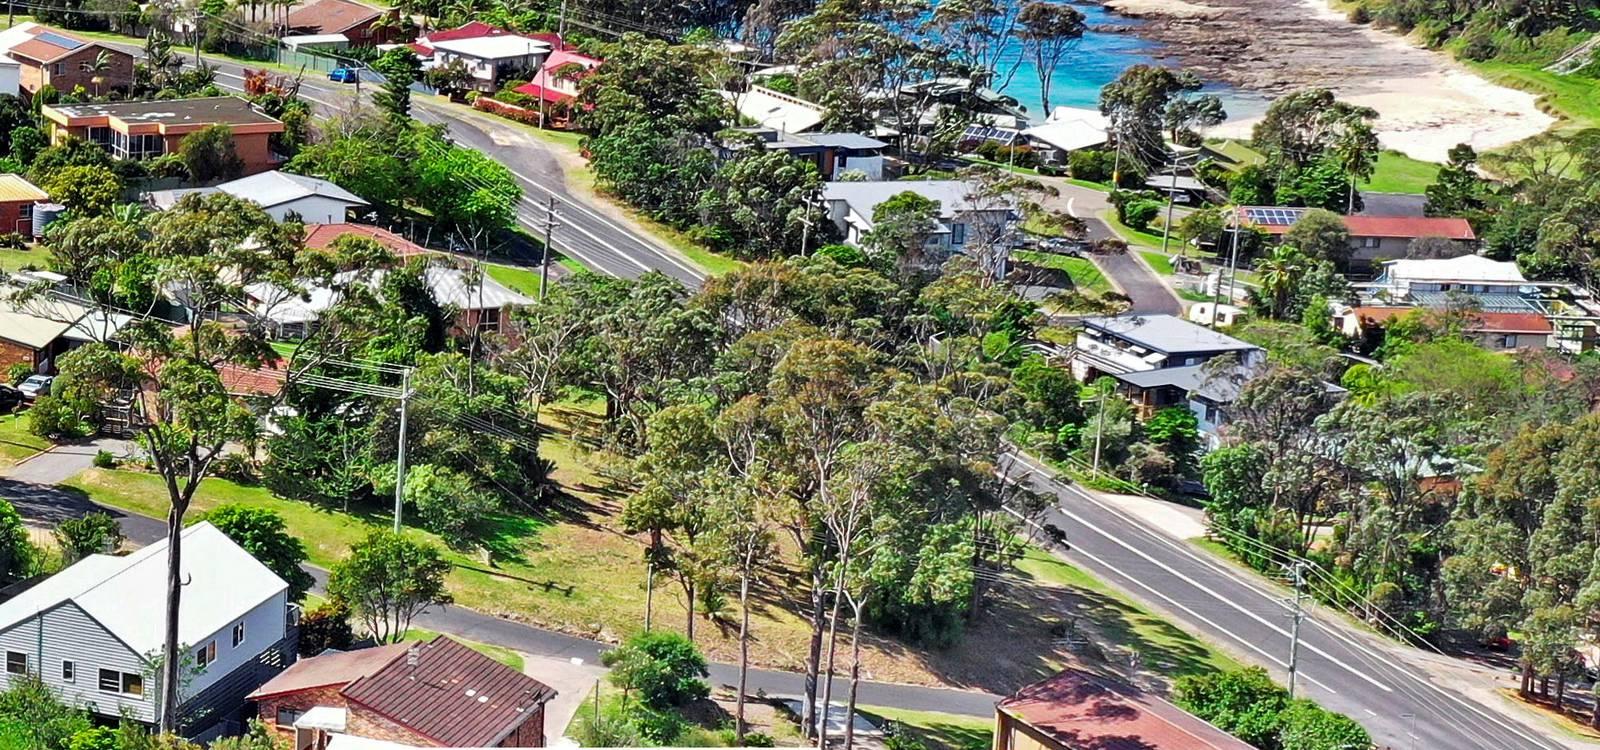 12 Escape Place MALUA BAY, NSW 2536 - photo 1